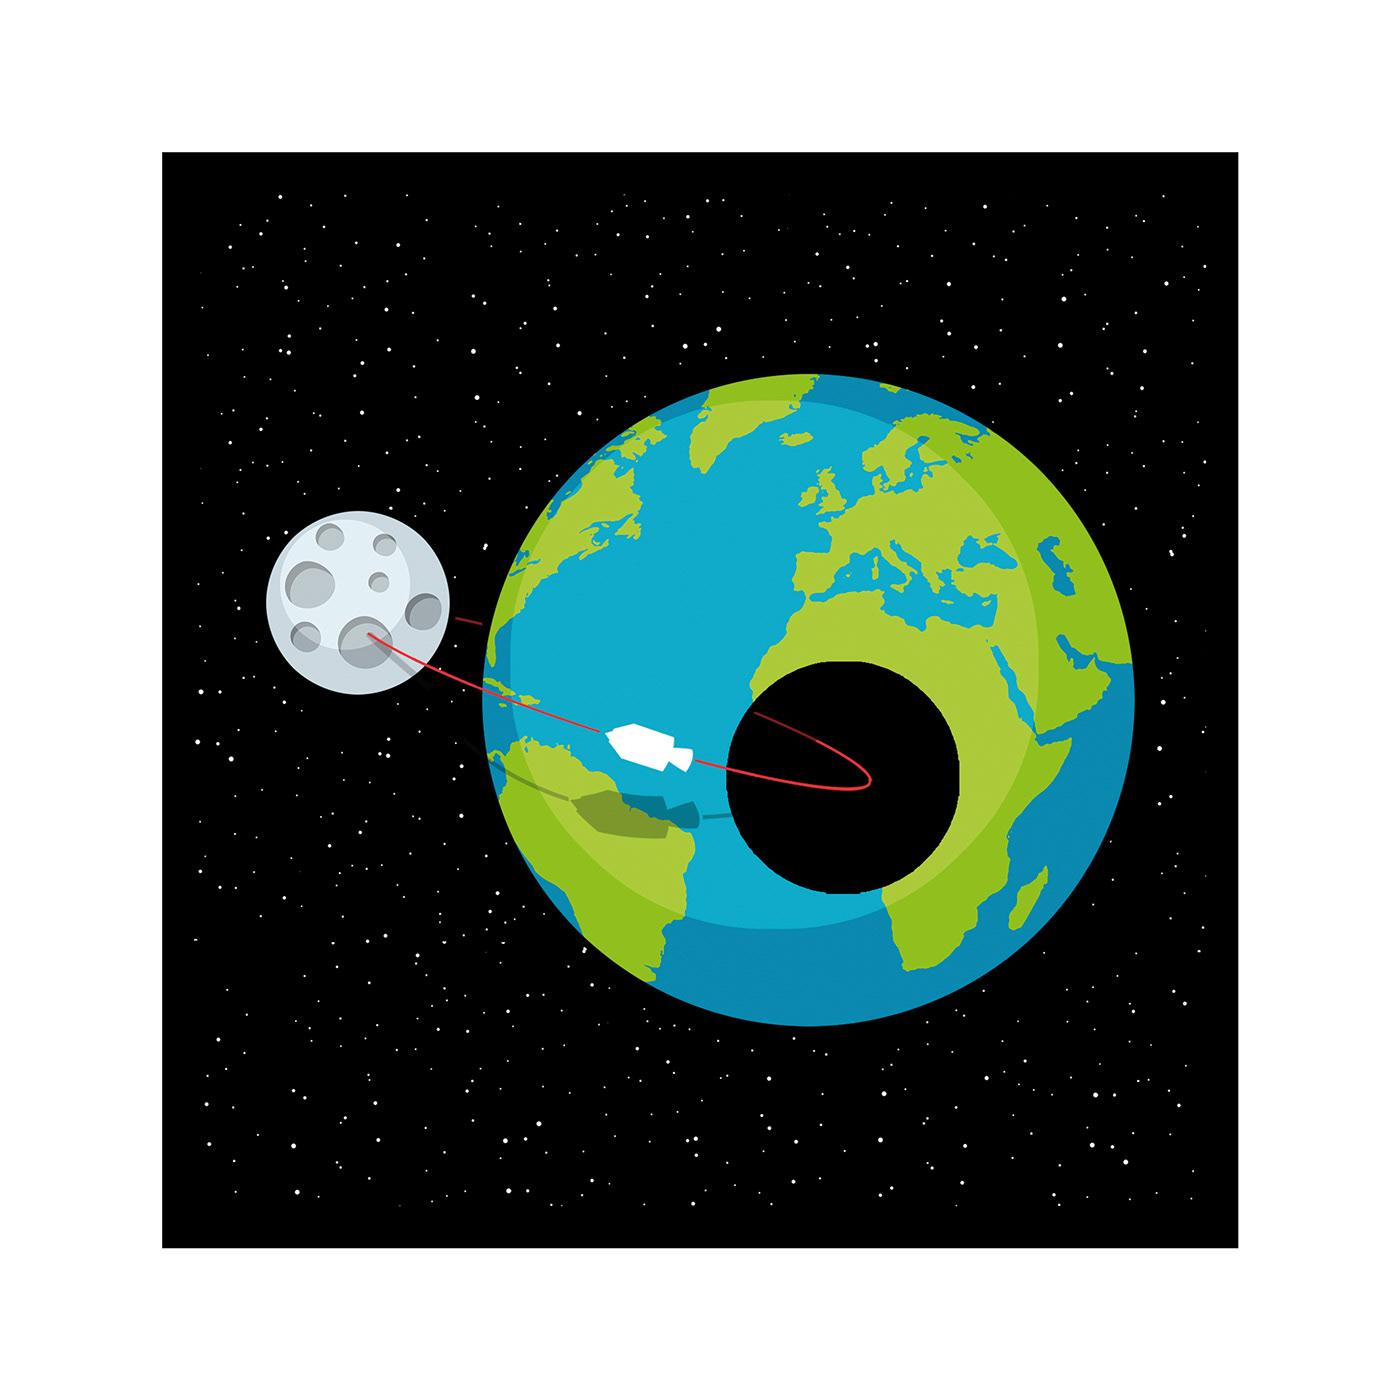 allunaggio apollo 11 earth landing moon NEIL ARMSTRONG SKY